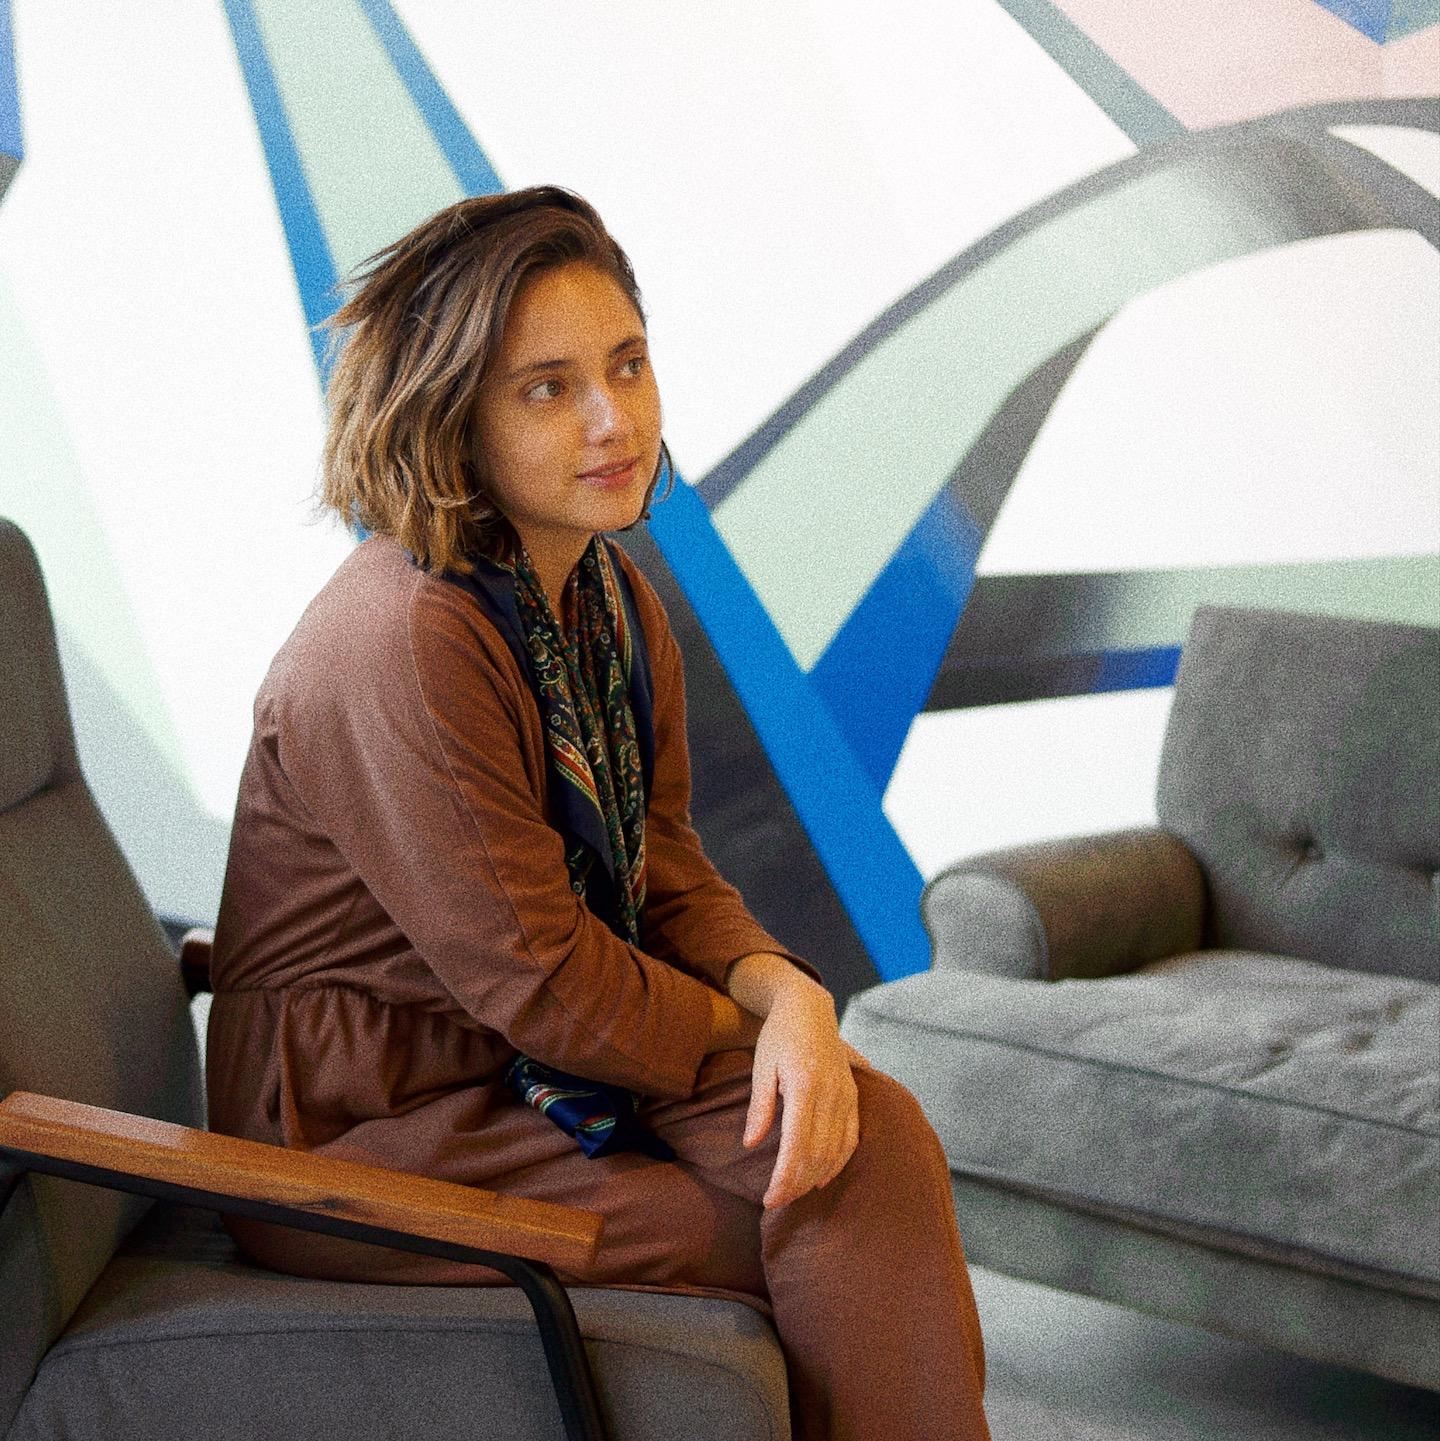 Fernanda Jiménez - Directora de Cultura y Metodología.Ingeniera en Marketing. Ex Directora General de Visual en Arredó Argentina. Cofundadora de Hello Pasto Argentina.